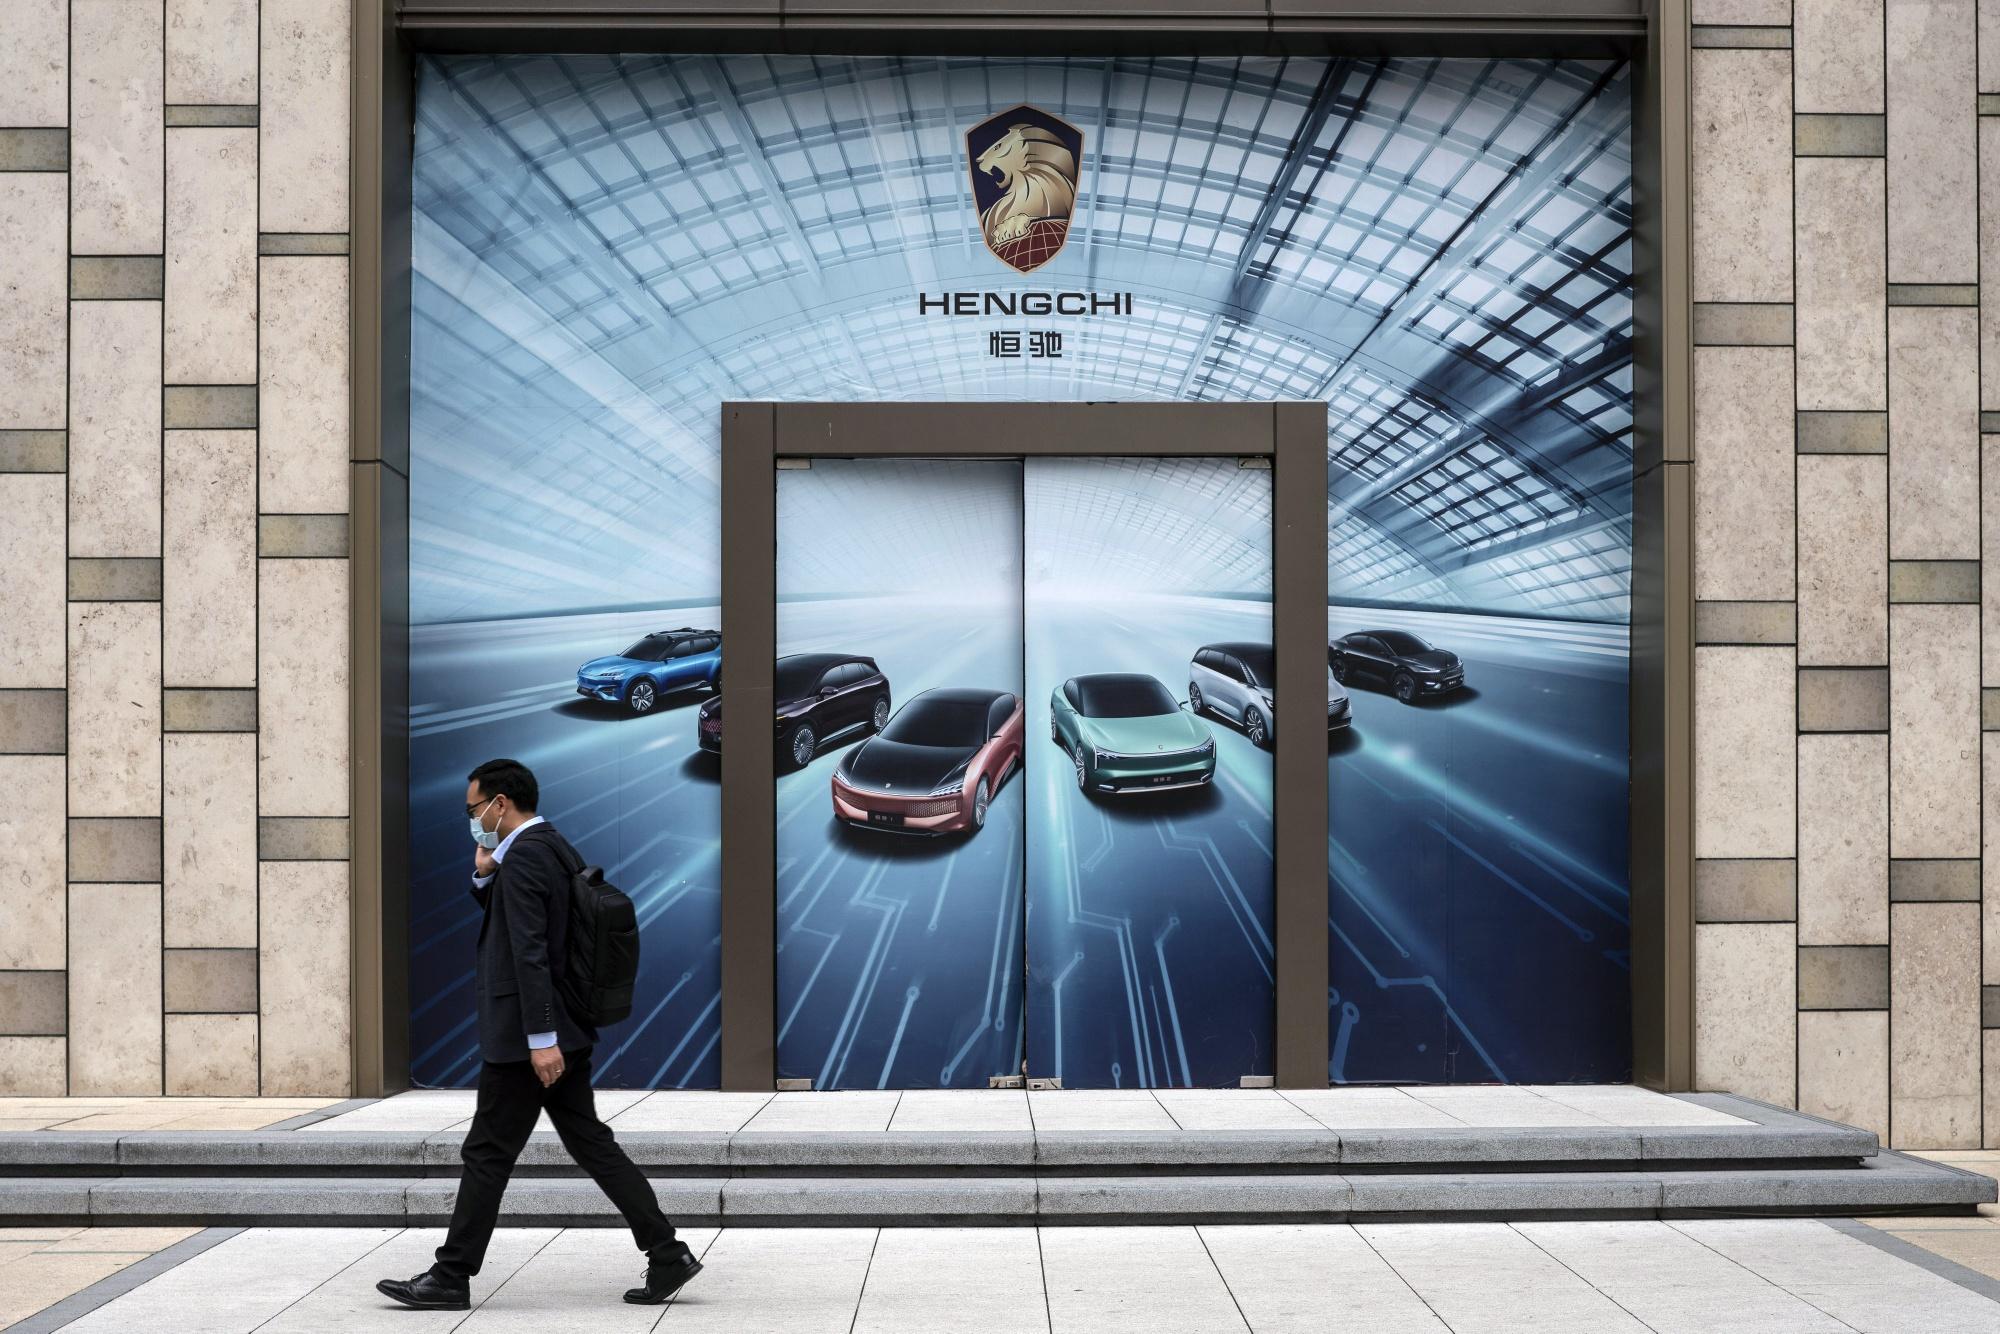 Đại gia xe điện 'kỳ quặc' của Trung Quốc: Chưa bán được chiếc xe nào vẫn đạt vốn hóa 87 tỷ USD - Ảnh 1.